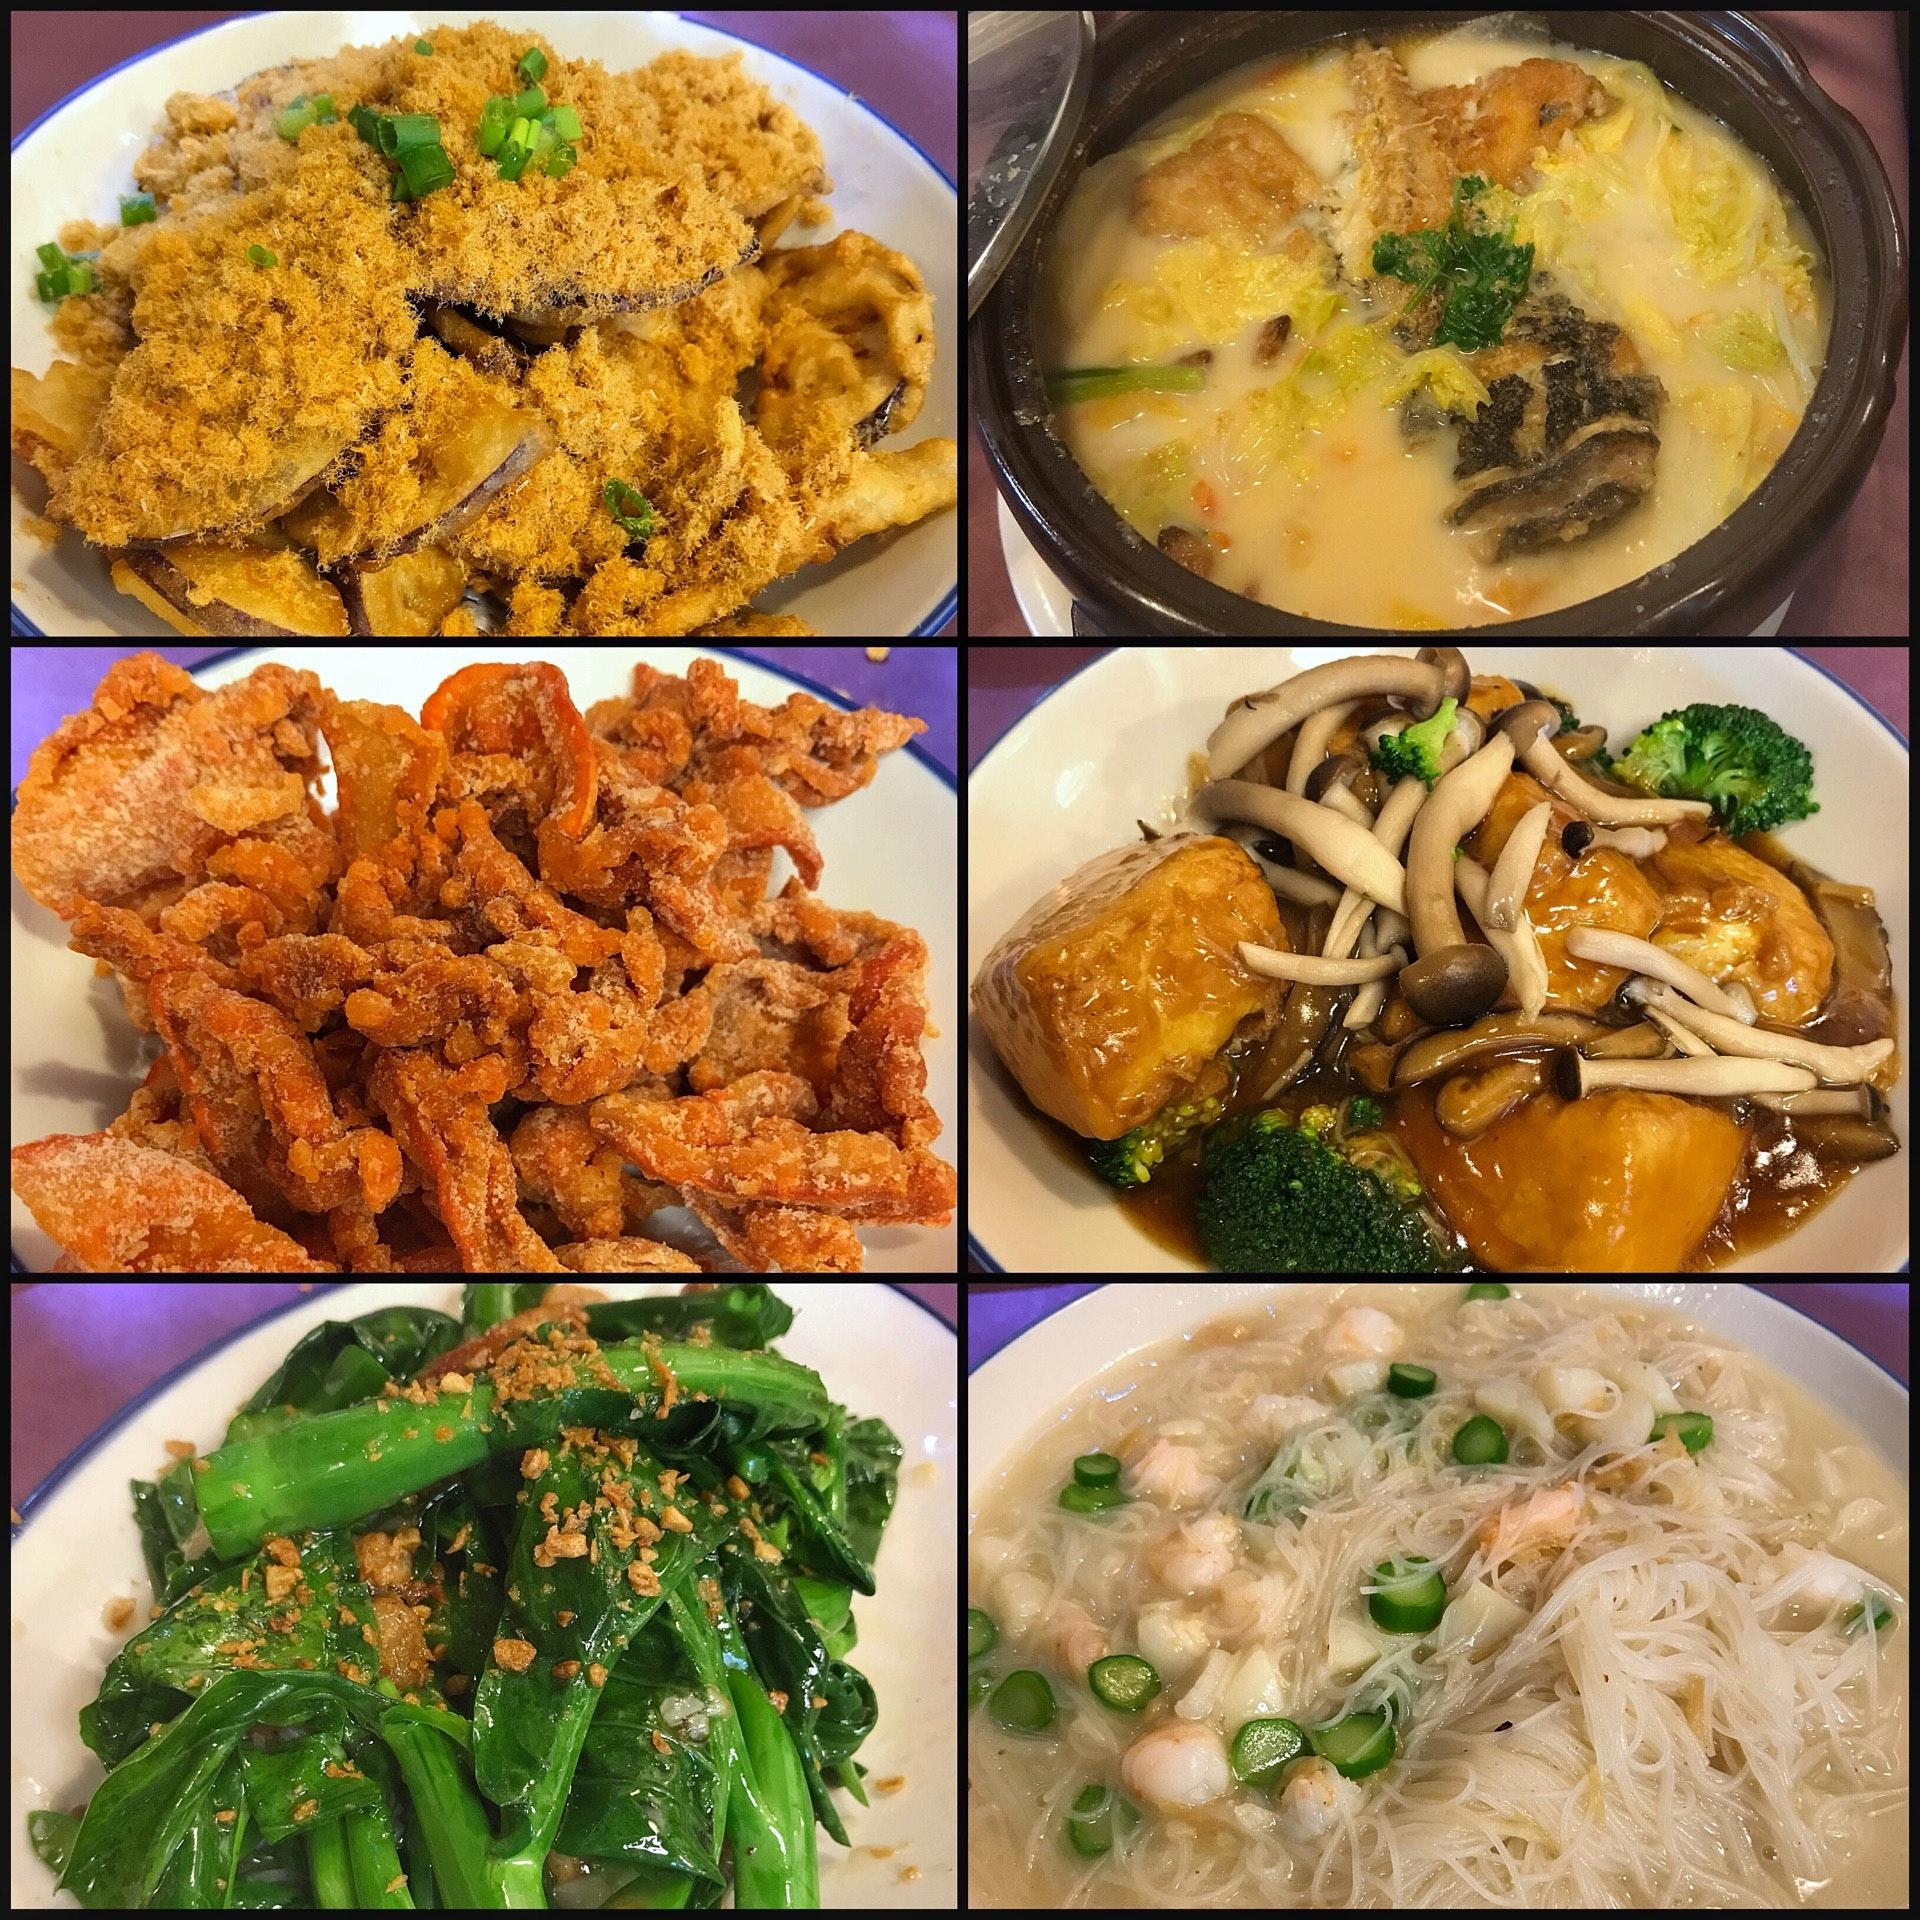 Chef Kang's